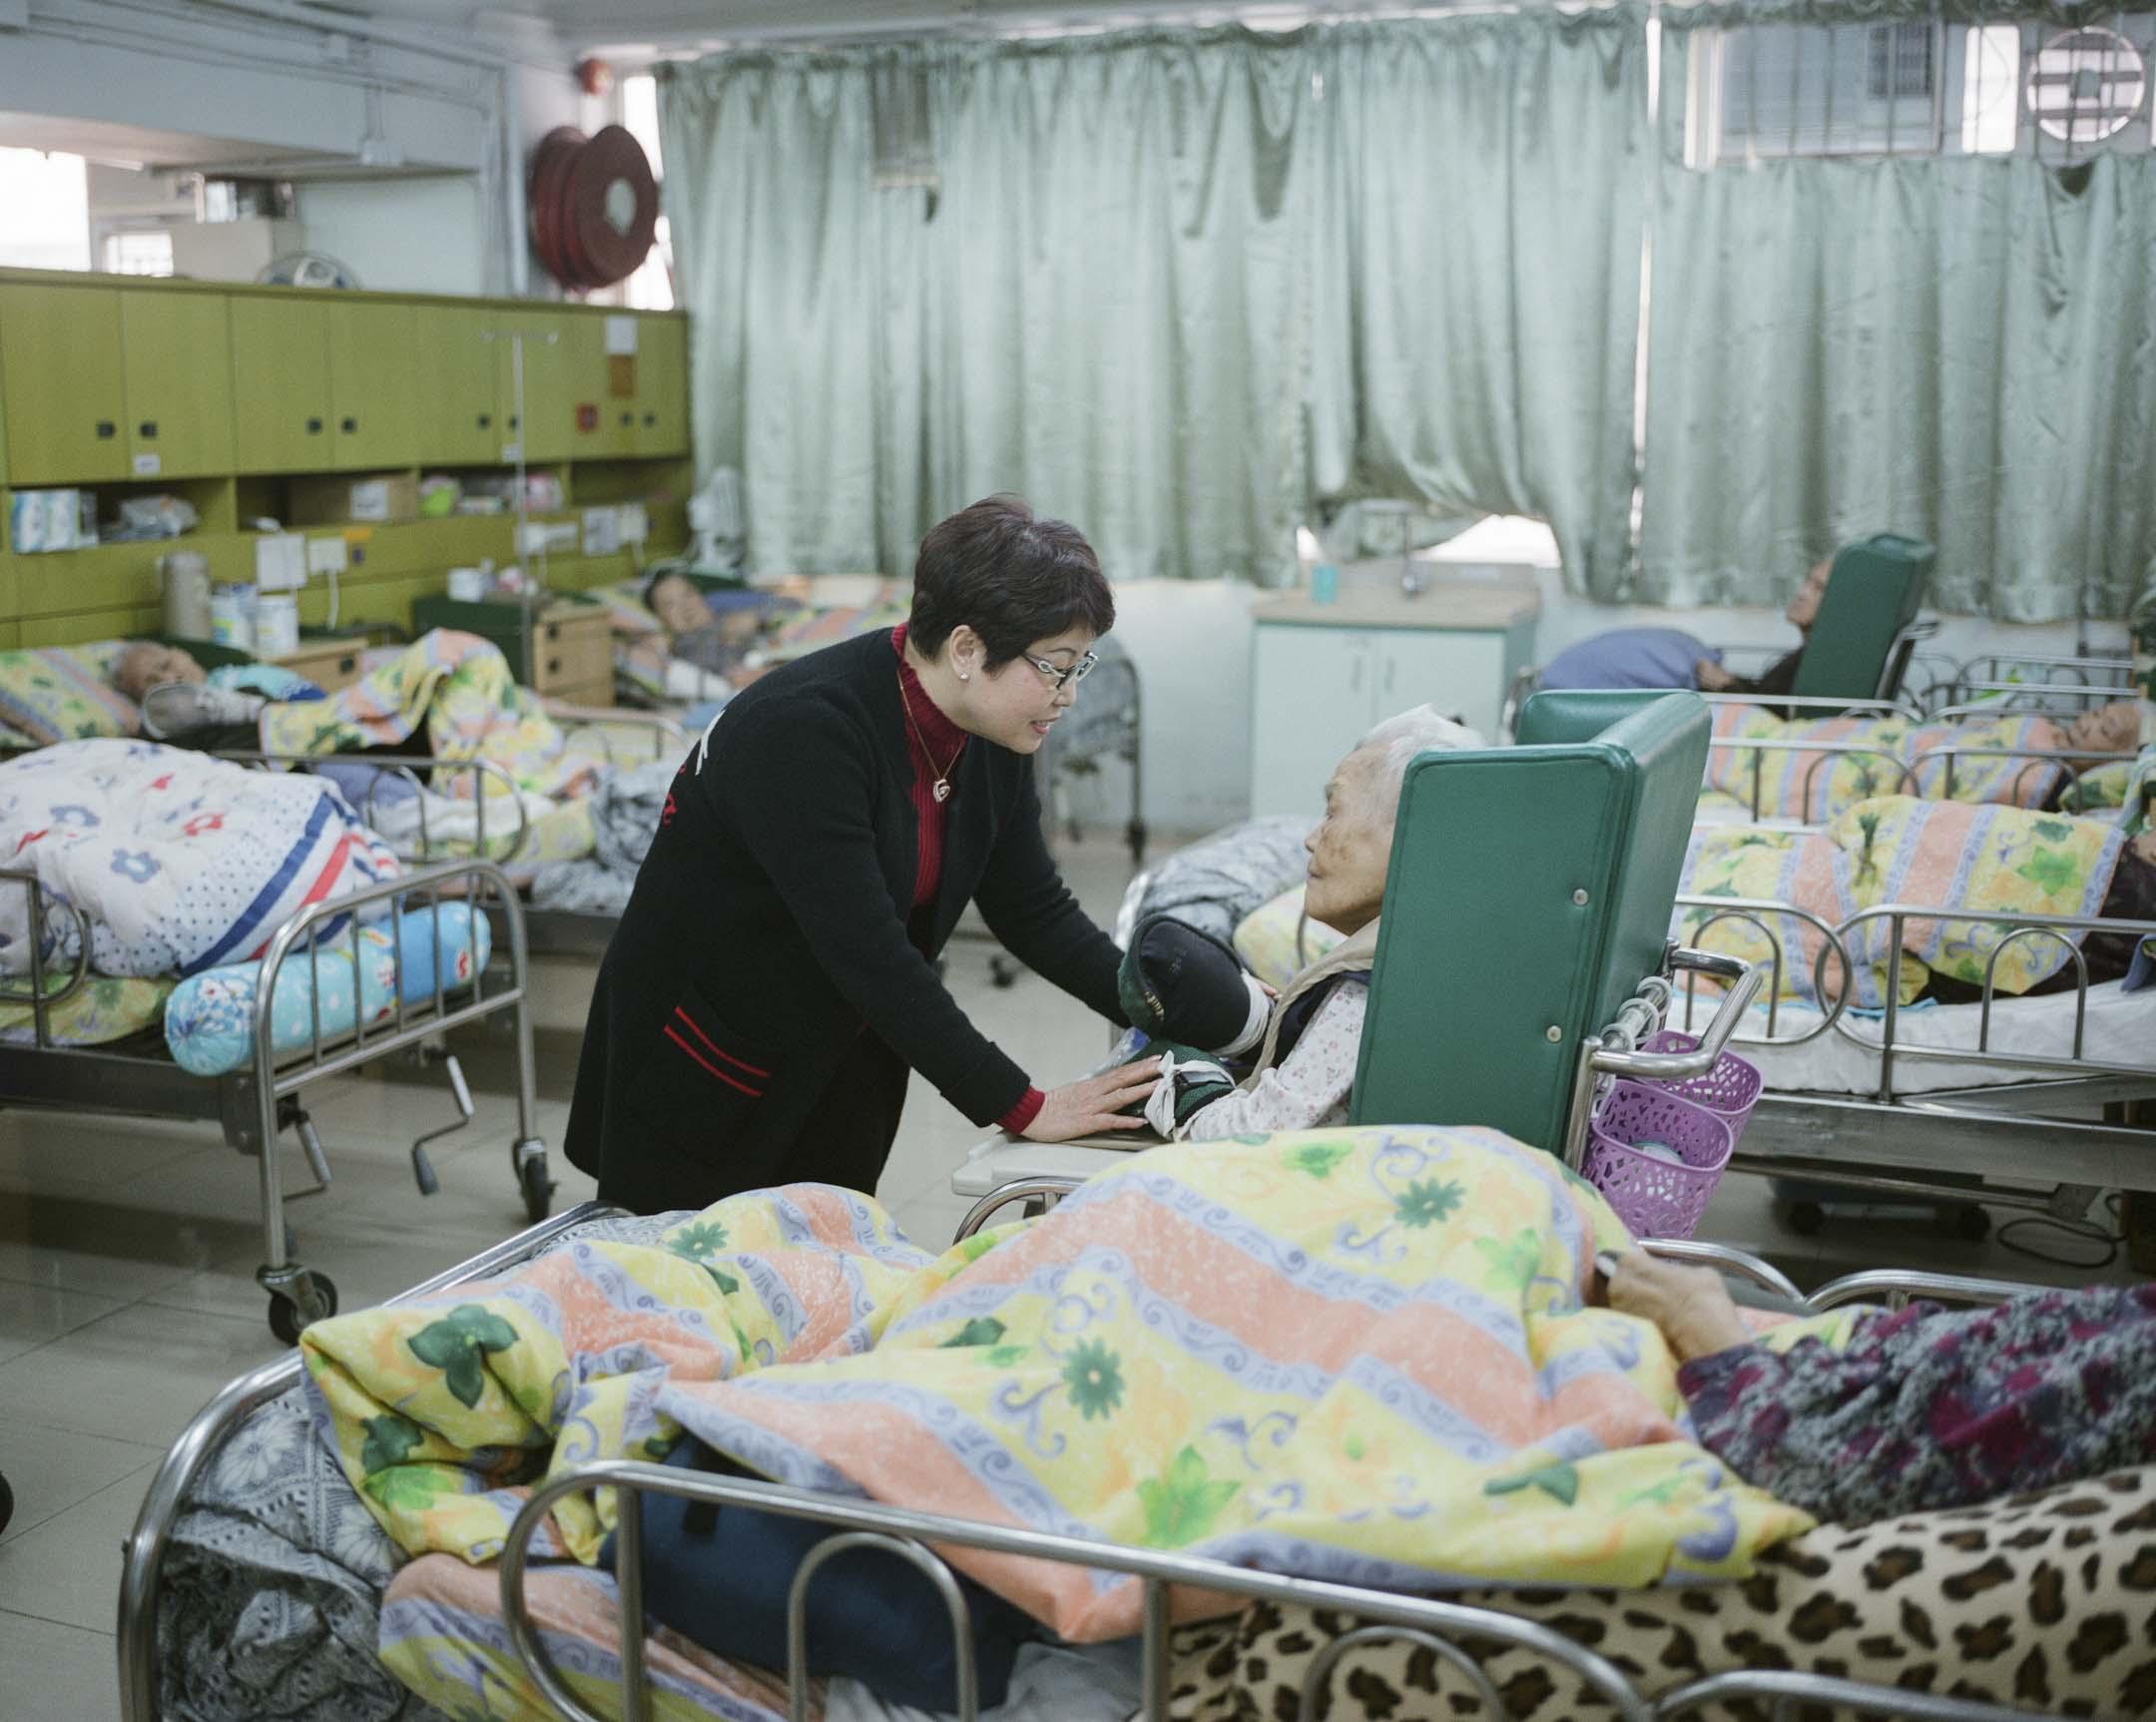 香港安老服務協會主席李輝也是私人安老院的老闆,涉足安老院行業已有30年,目前運營7間院舍,由於自己沒有物業,只靠租賃,她最擔心的就是加租。